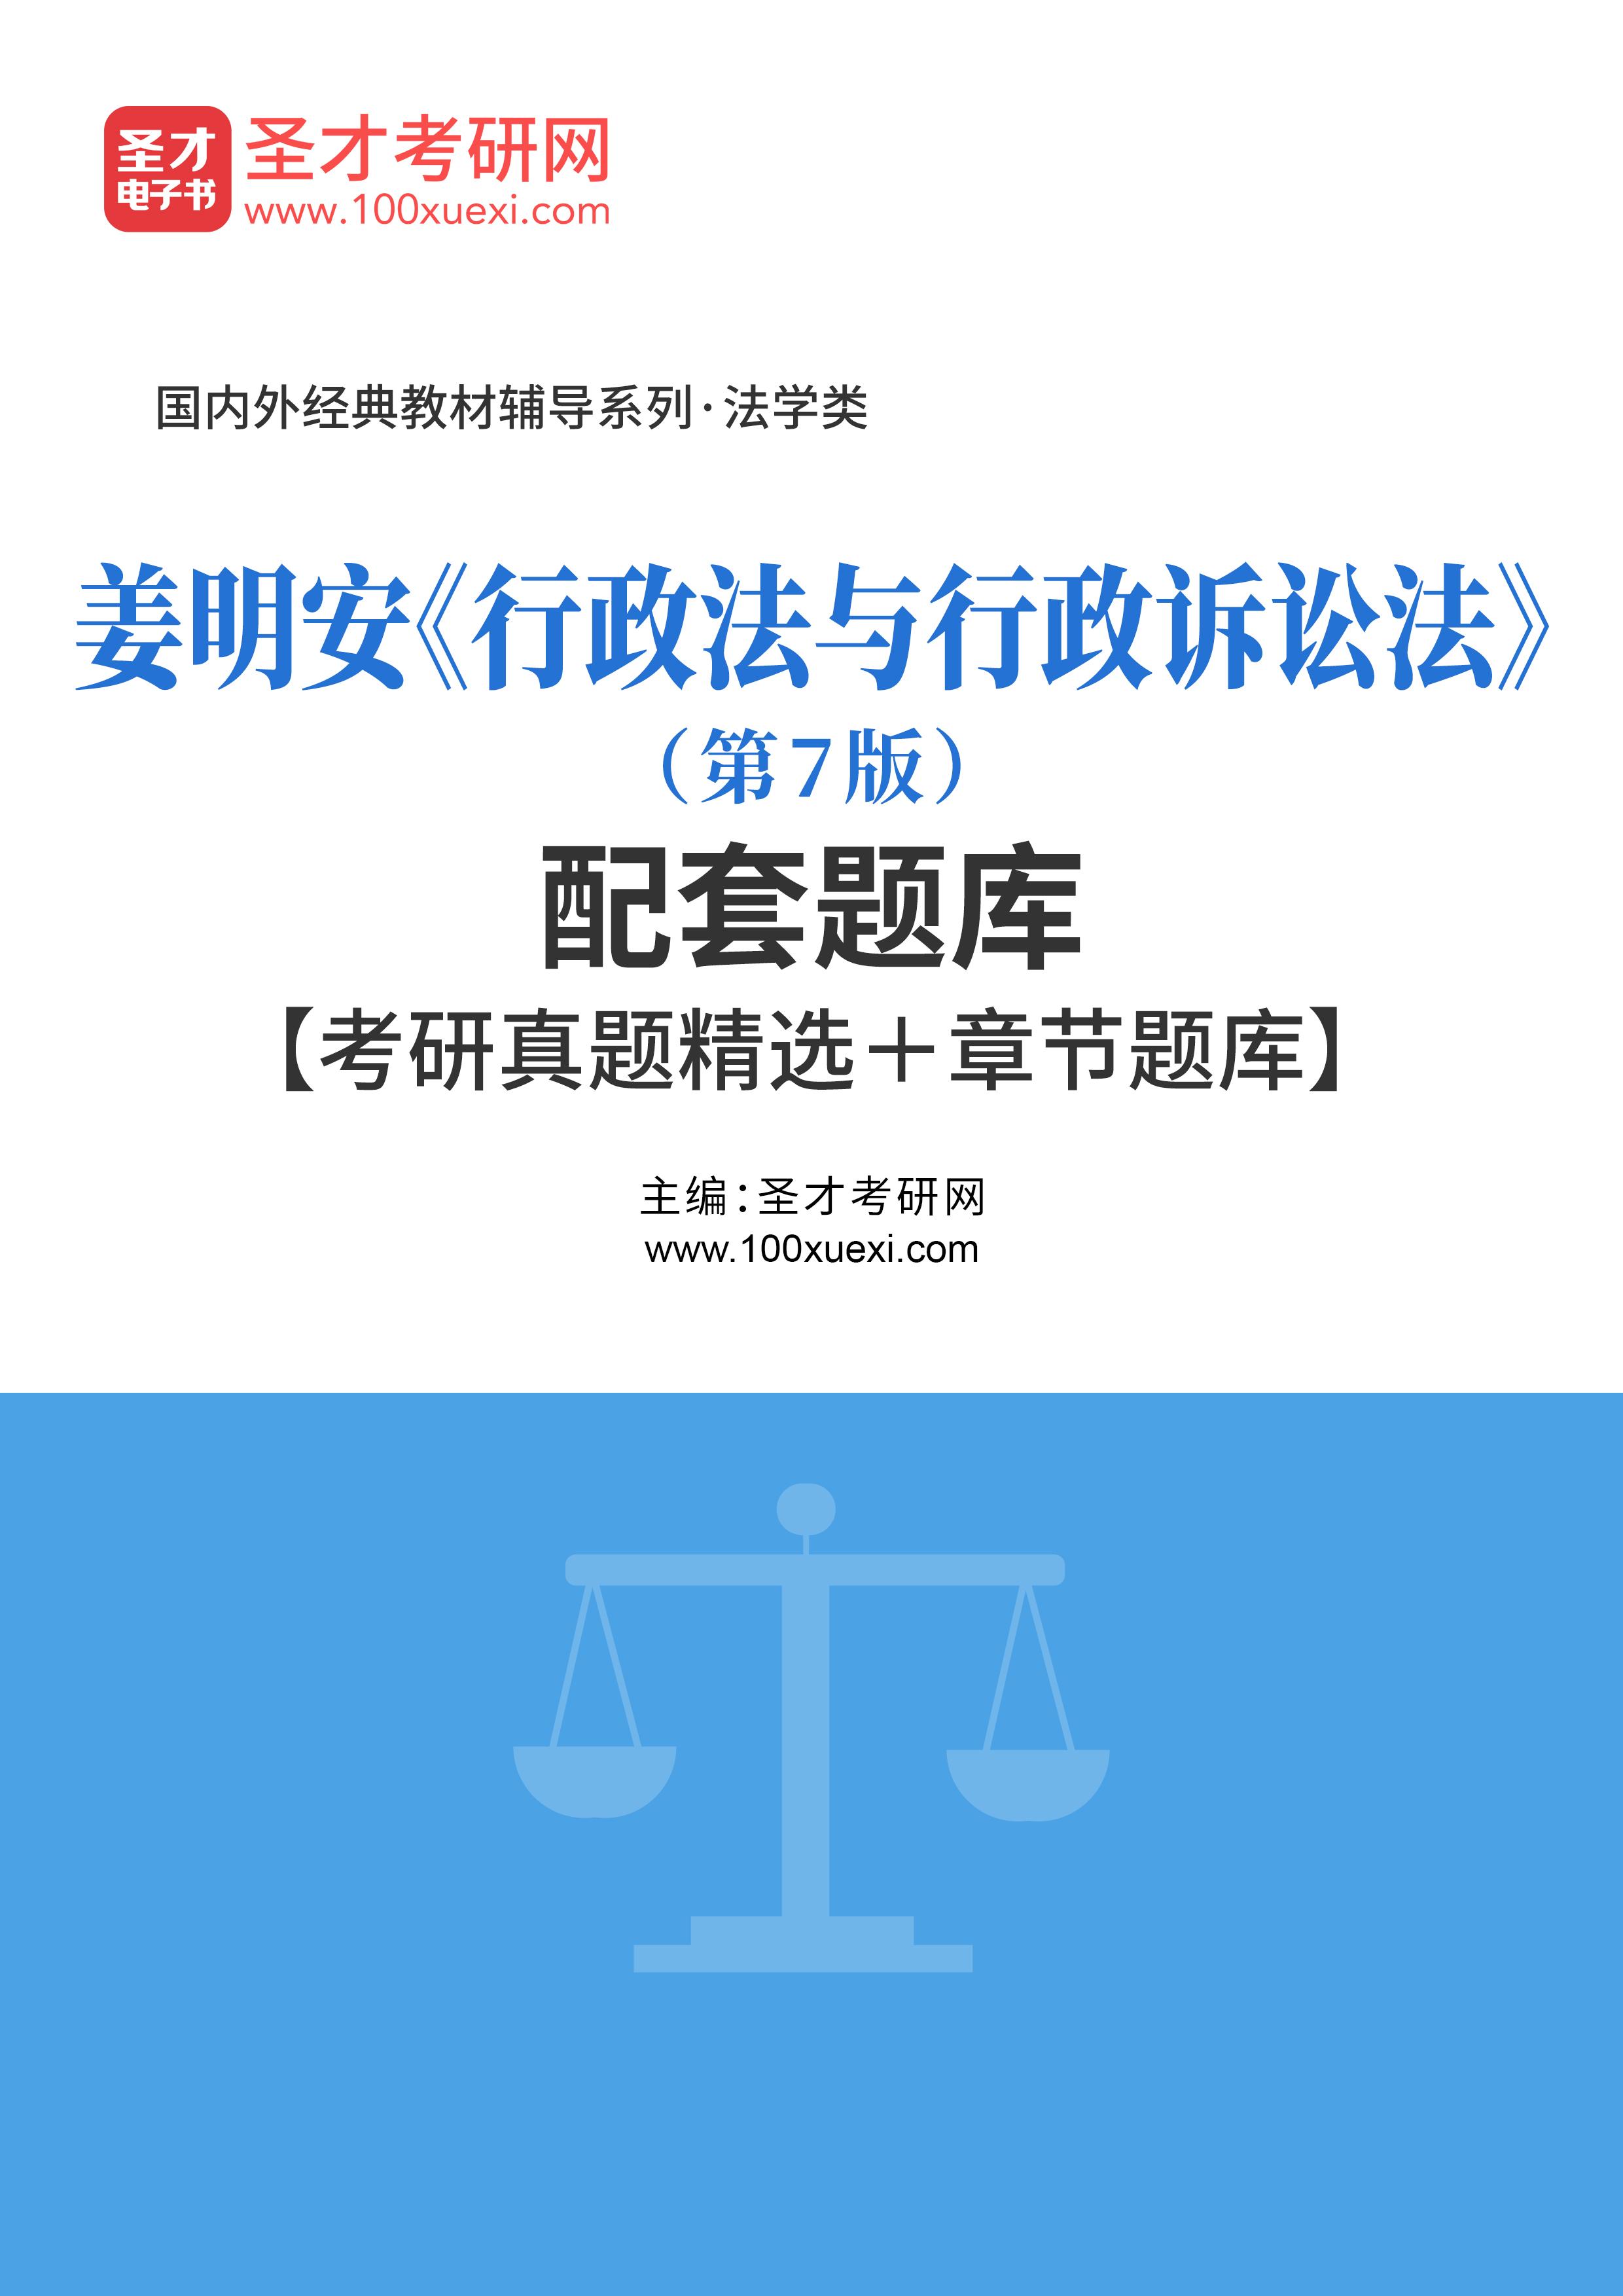 姜明安《行政法与行政诉讼法》(第7版)配套题库【考研真题精选+章节题库】